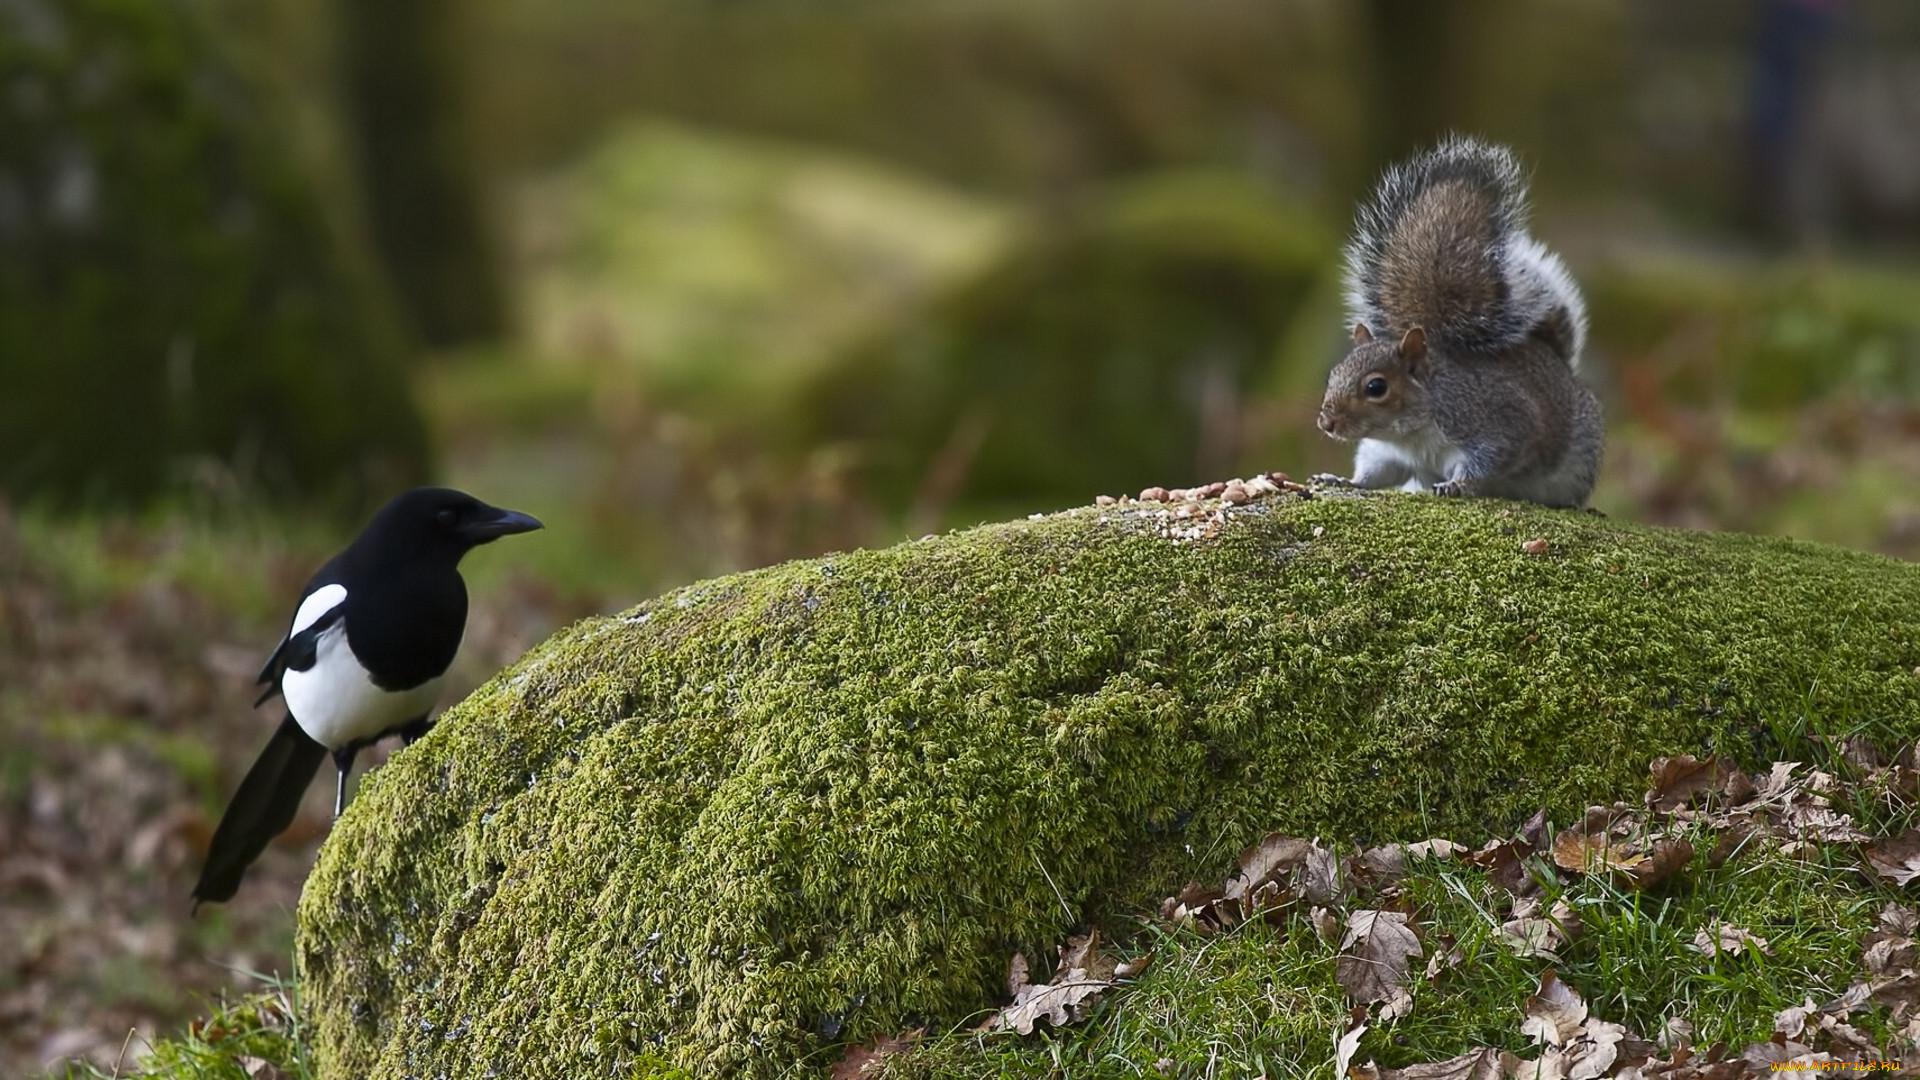 прикольные фотографии птиц и животных в лесу имеется большой